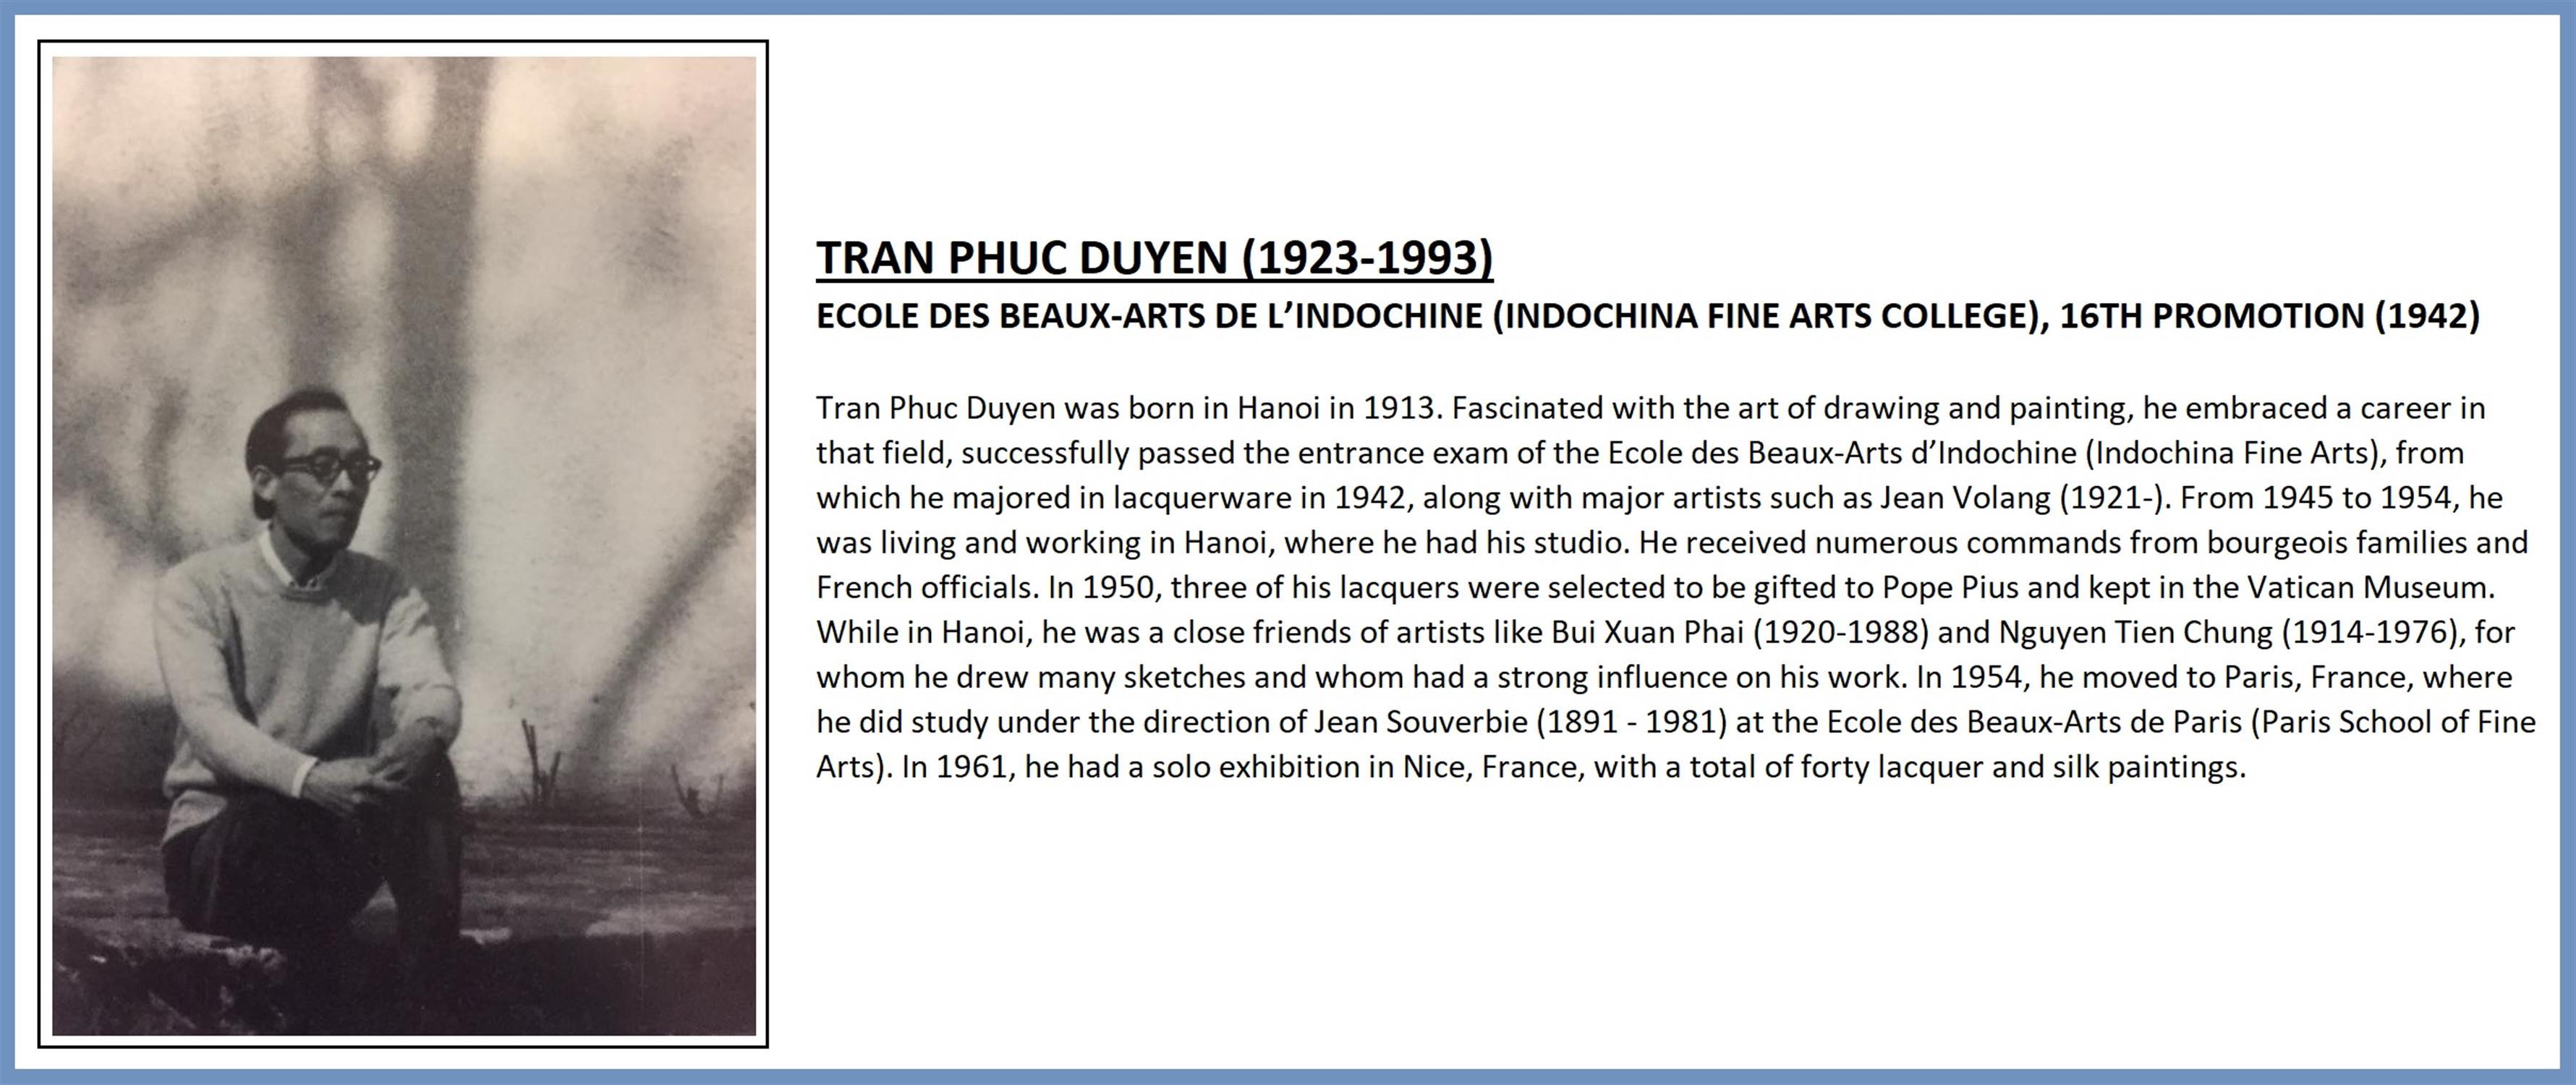 TRAN PHUC DUYEN (1923-1993) ECOLE DES BEAUX-ARTS DE L'INDOCHINE (INDOCHINA FINE ARTS COLLEGE), - Image 7 of 12